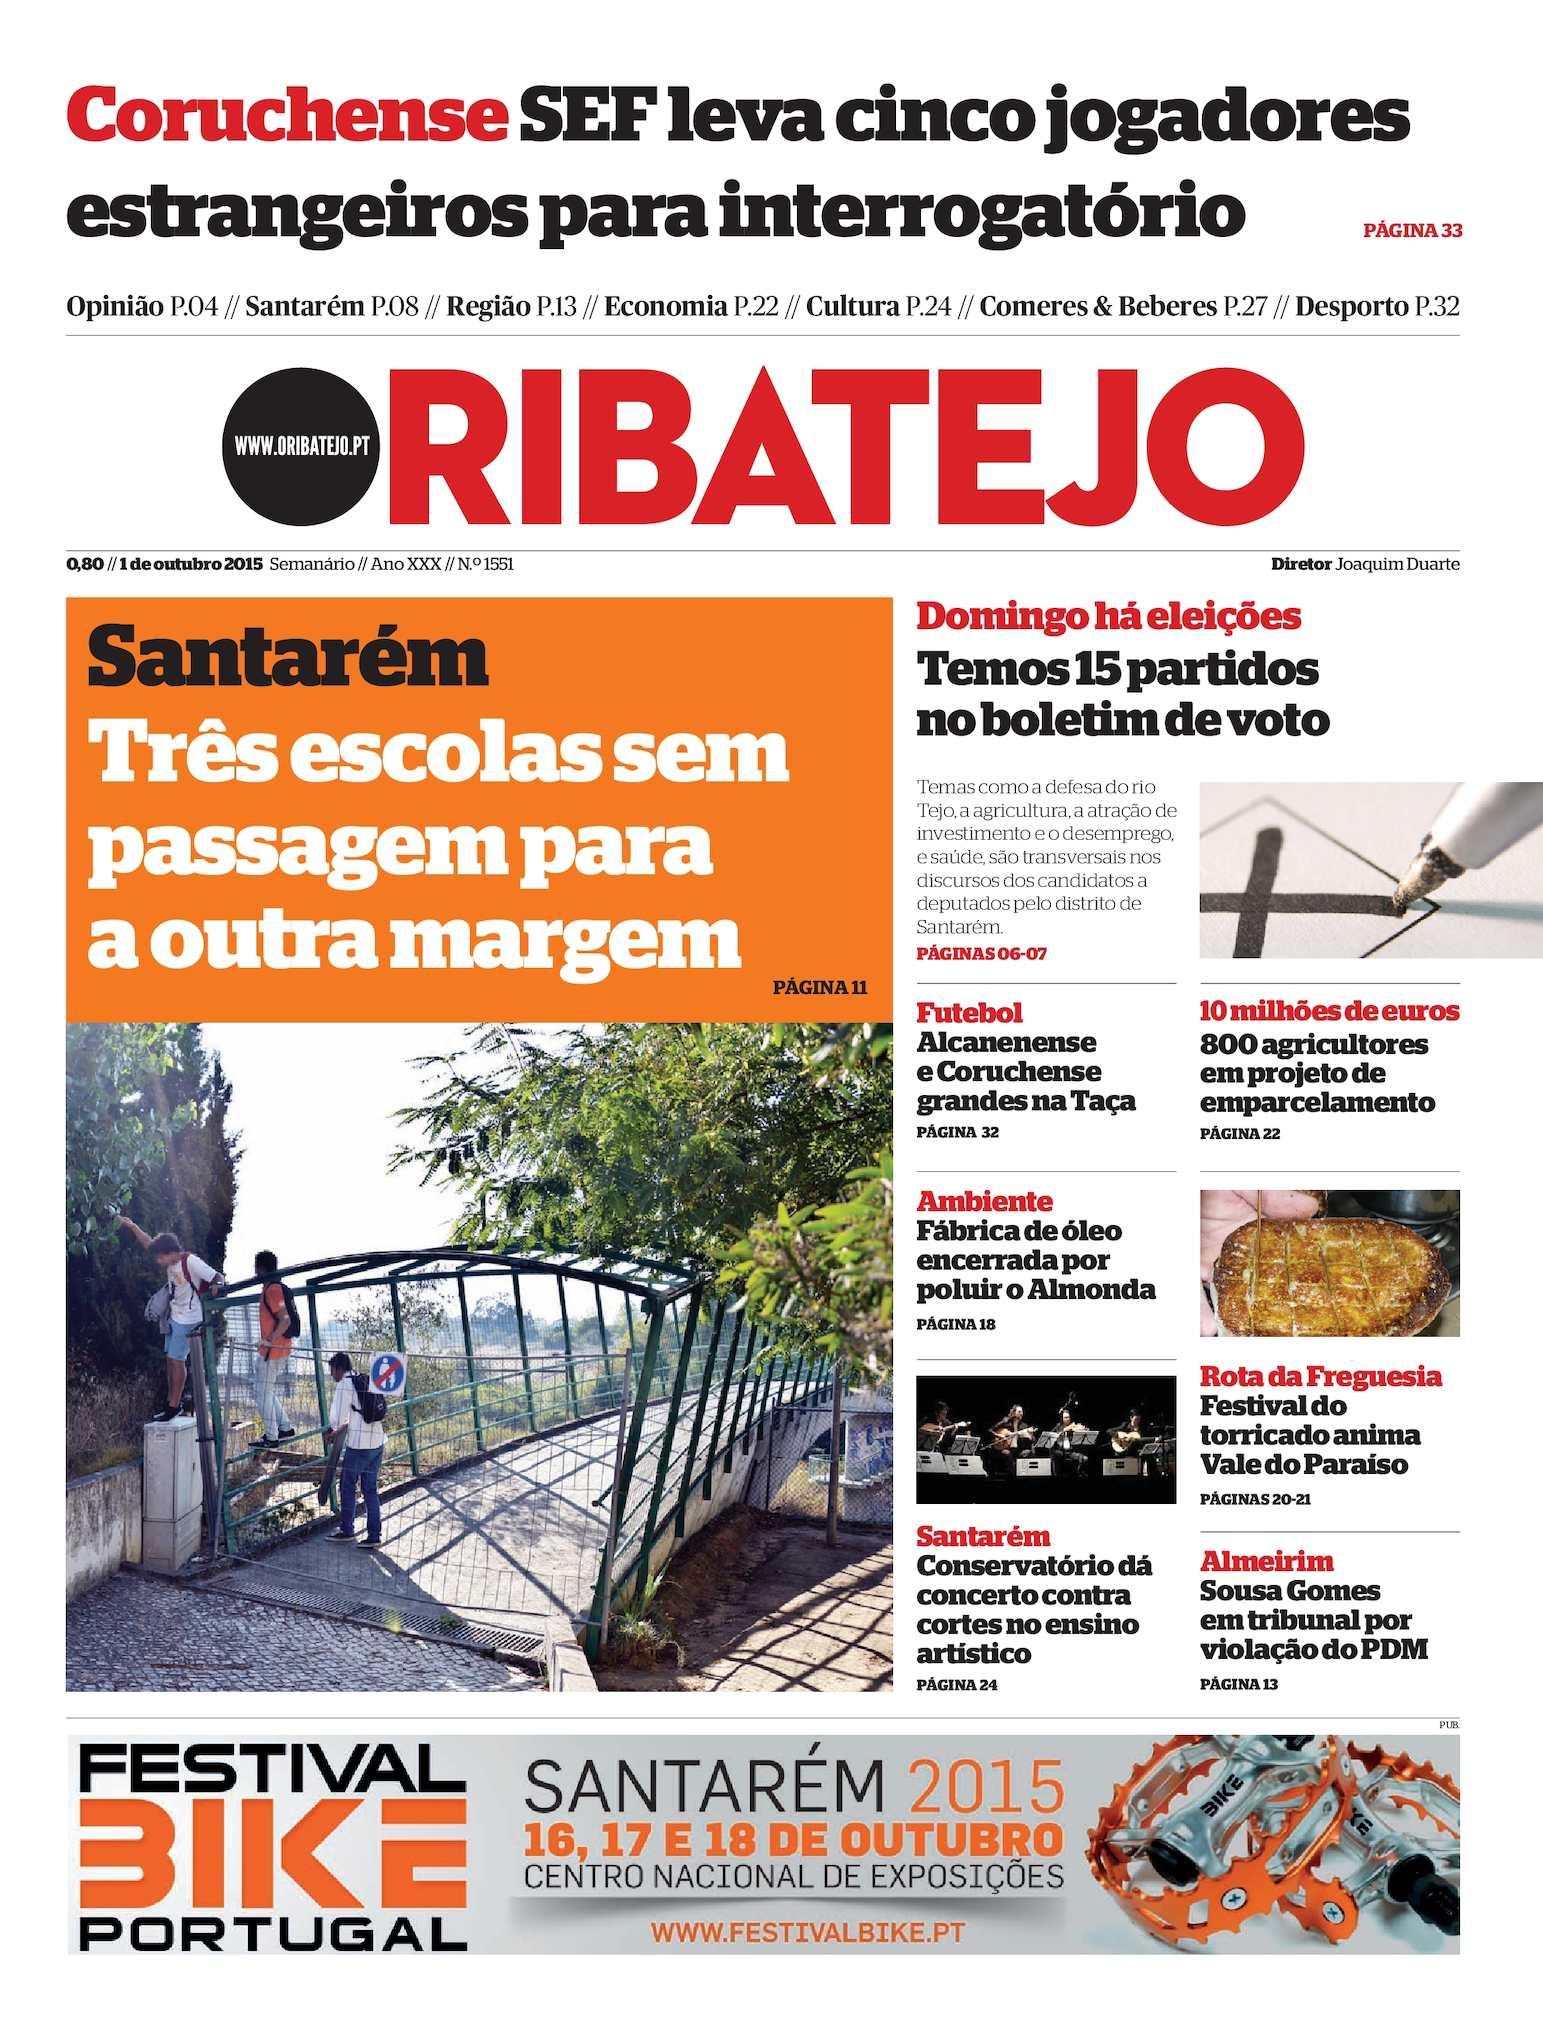 dd444d632384b Calaméo - Edição 1551 do Jornal O Ribatejo - 1 de Outubro de 2015